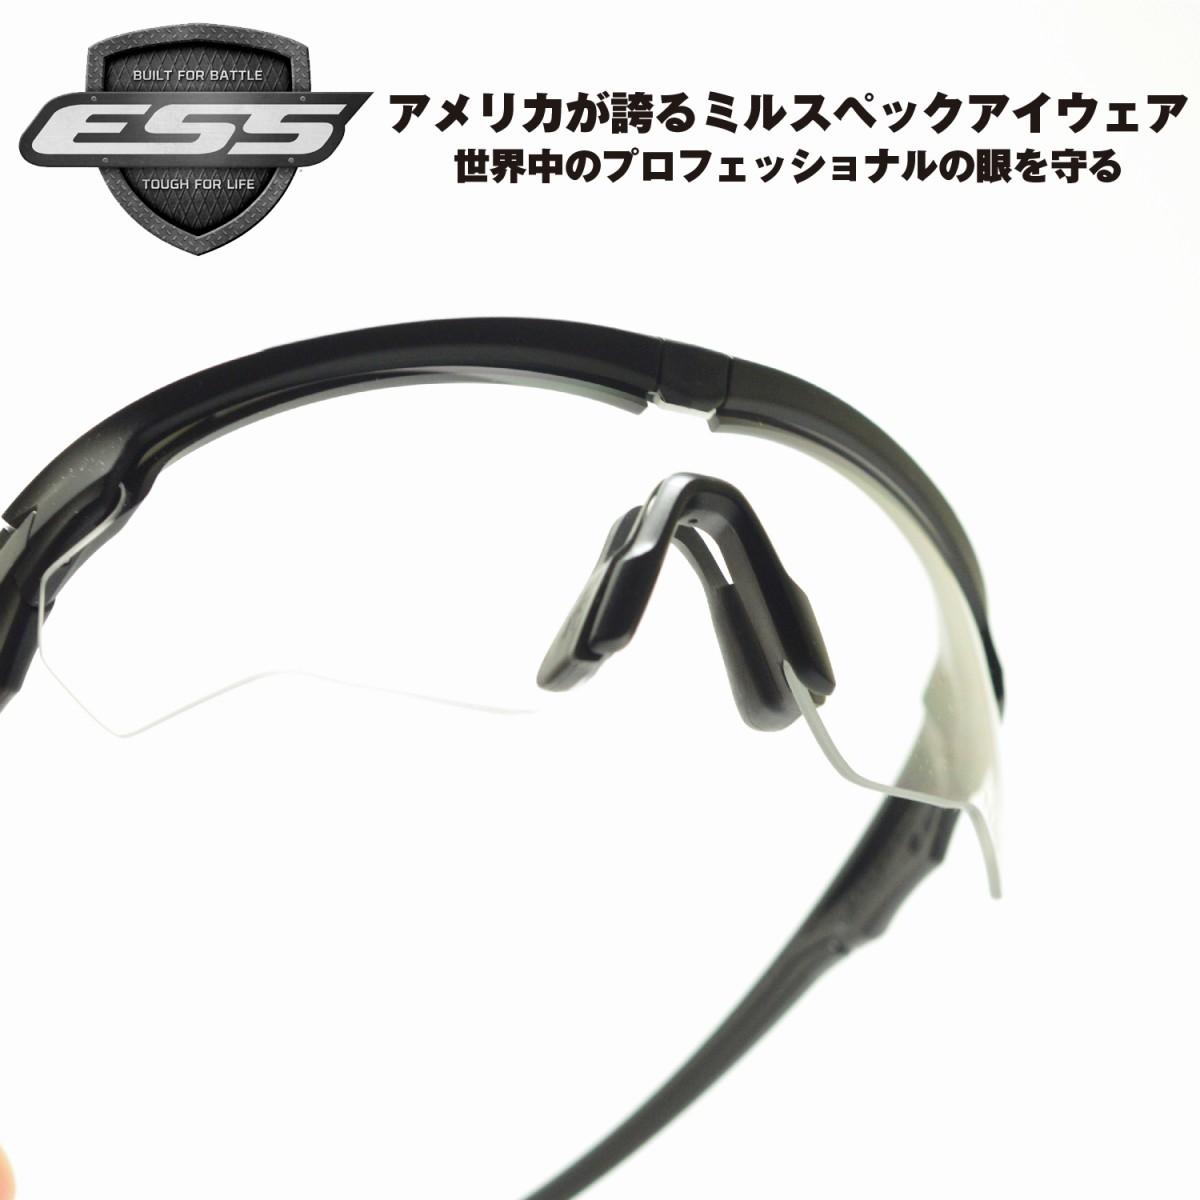 ESS イーエスエス CRSSBLADE NARO 2LENS クロスブレイドナロー 2枚レンズ EE9034-02 ブラック/スモークグレイ&クリアメガネ 眼鏡 めがね メンズ レディース おしゃれ ブランド 人気 おすすめ フレーム 流行り 度付き レンズ サングラス